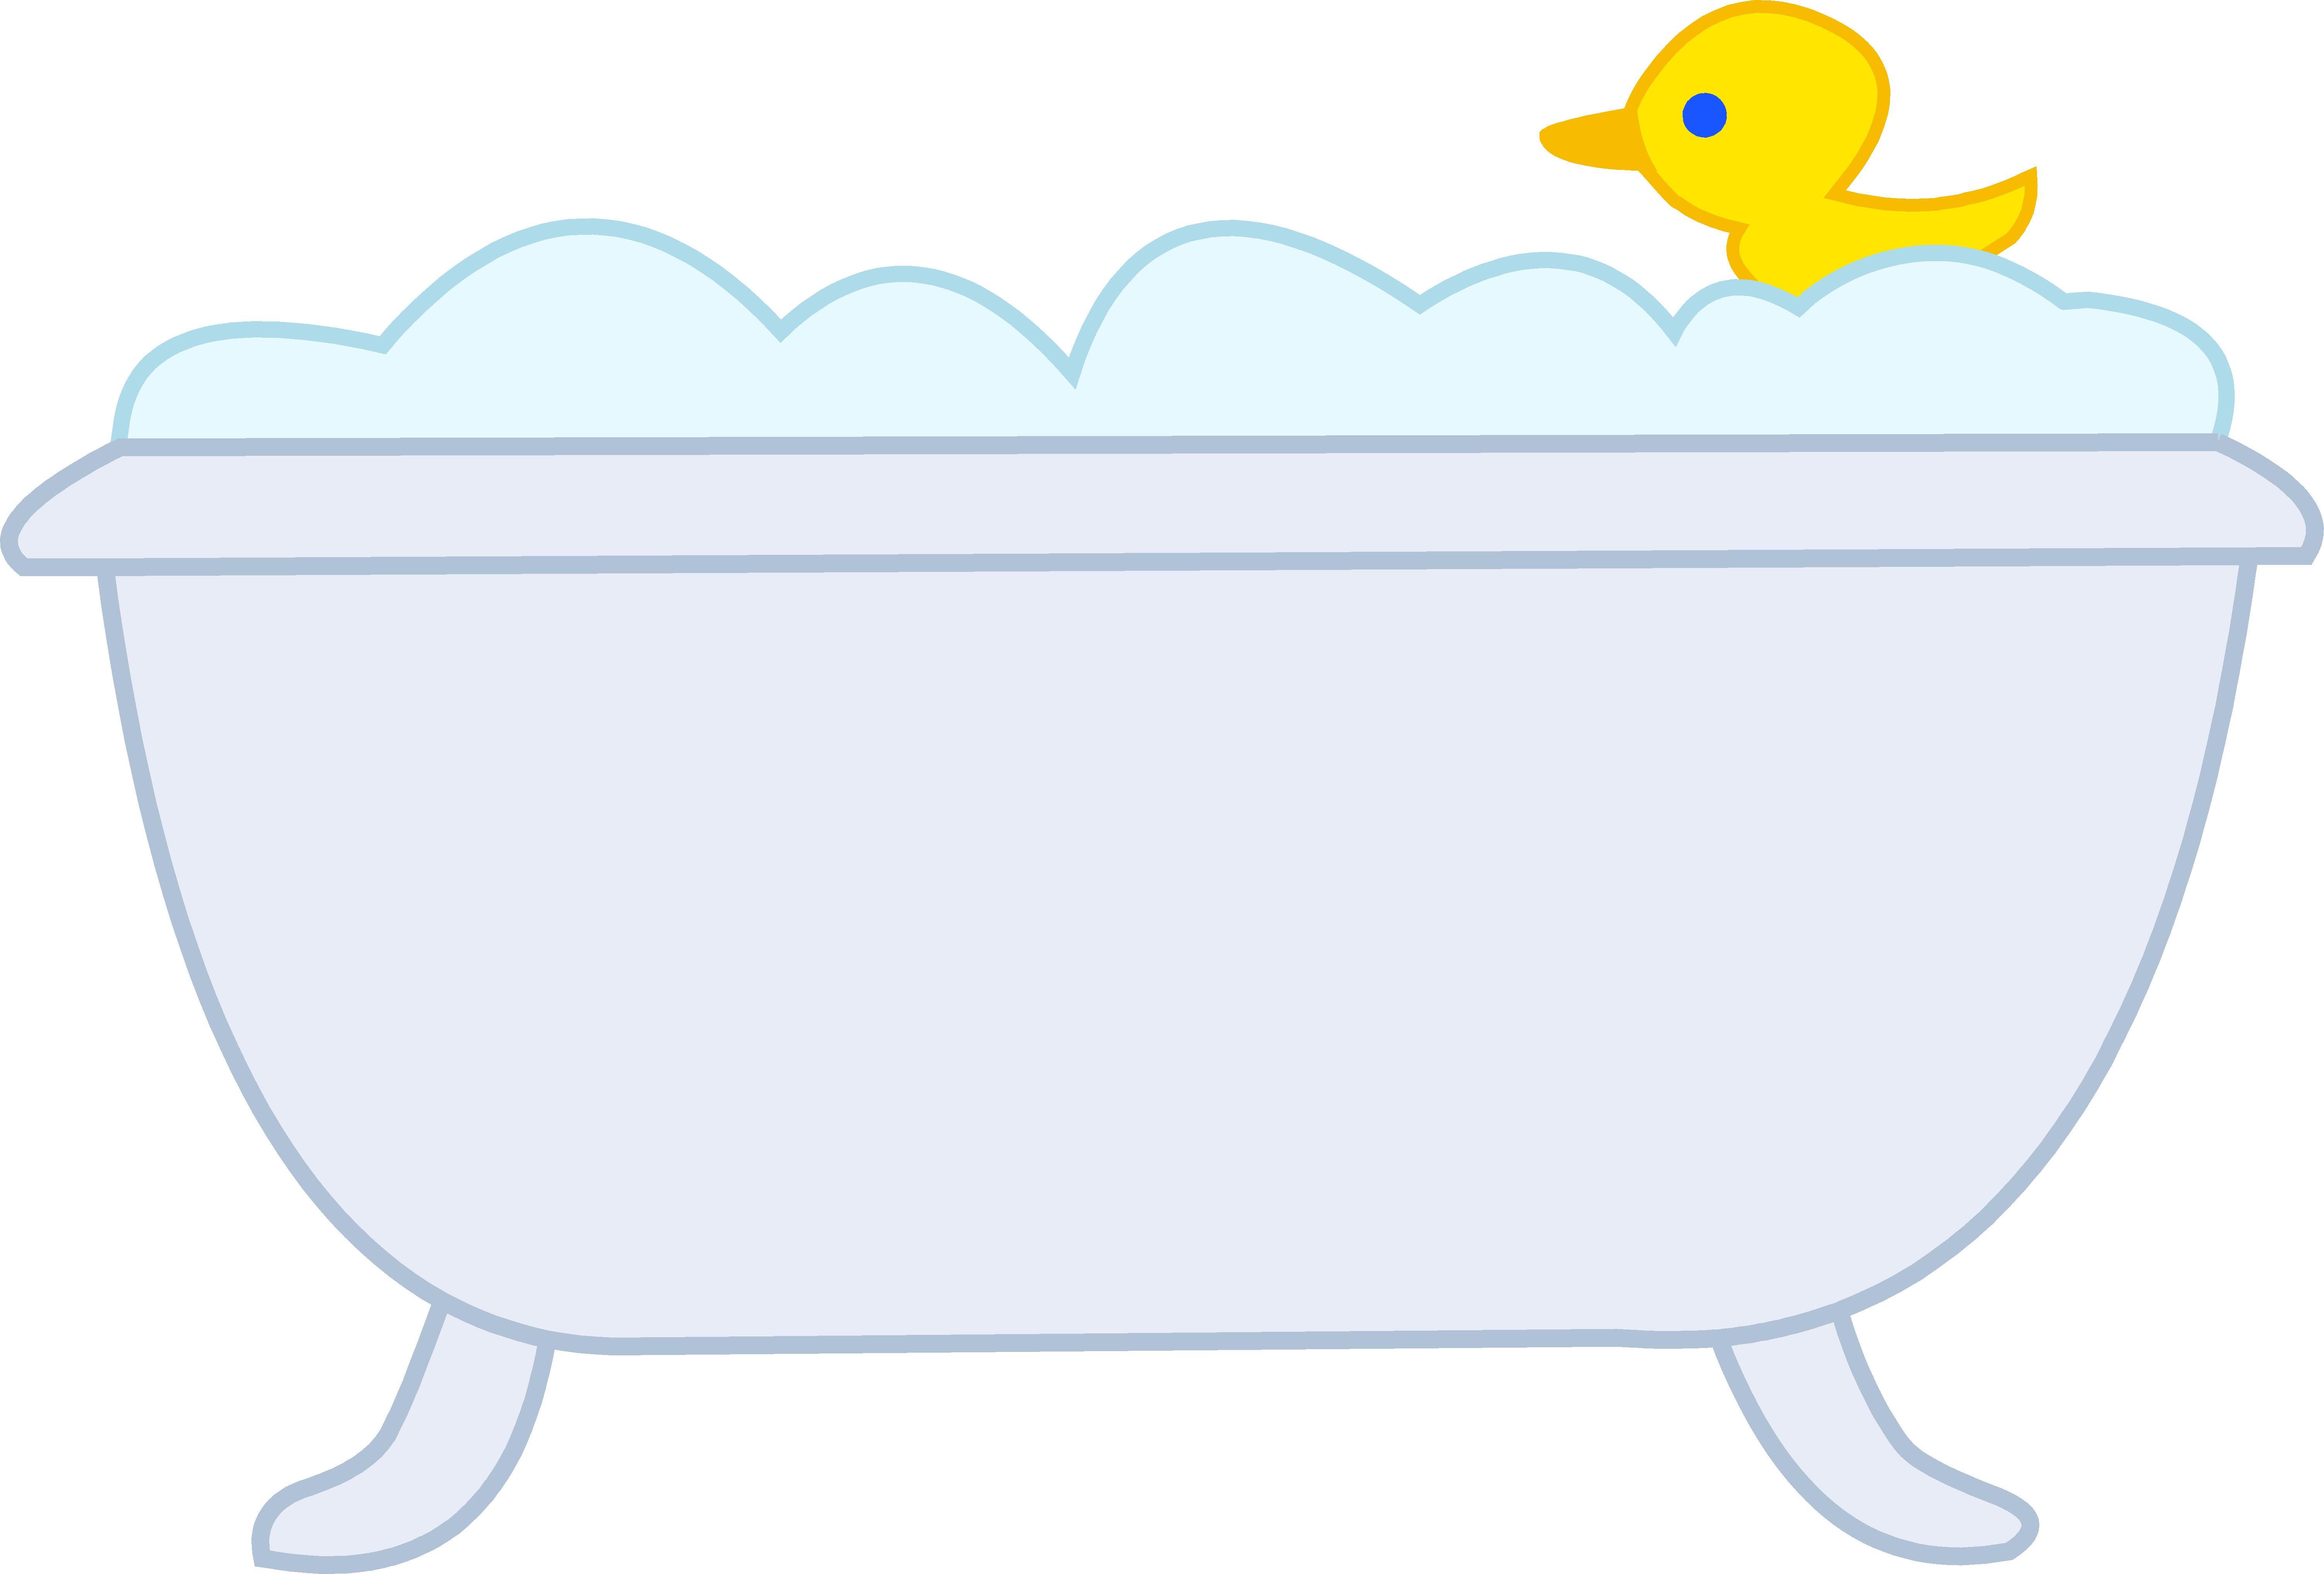 Tub clipart bubble bath. Old fashioned bathtub ideas